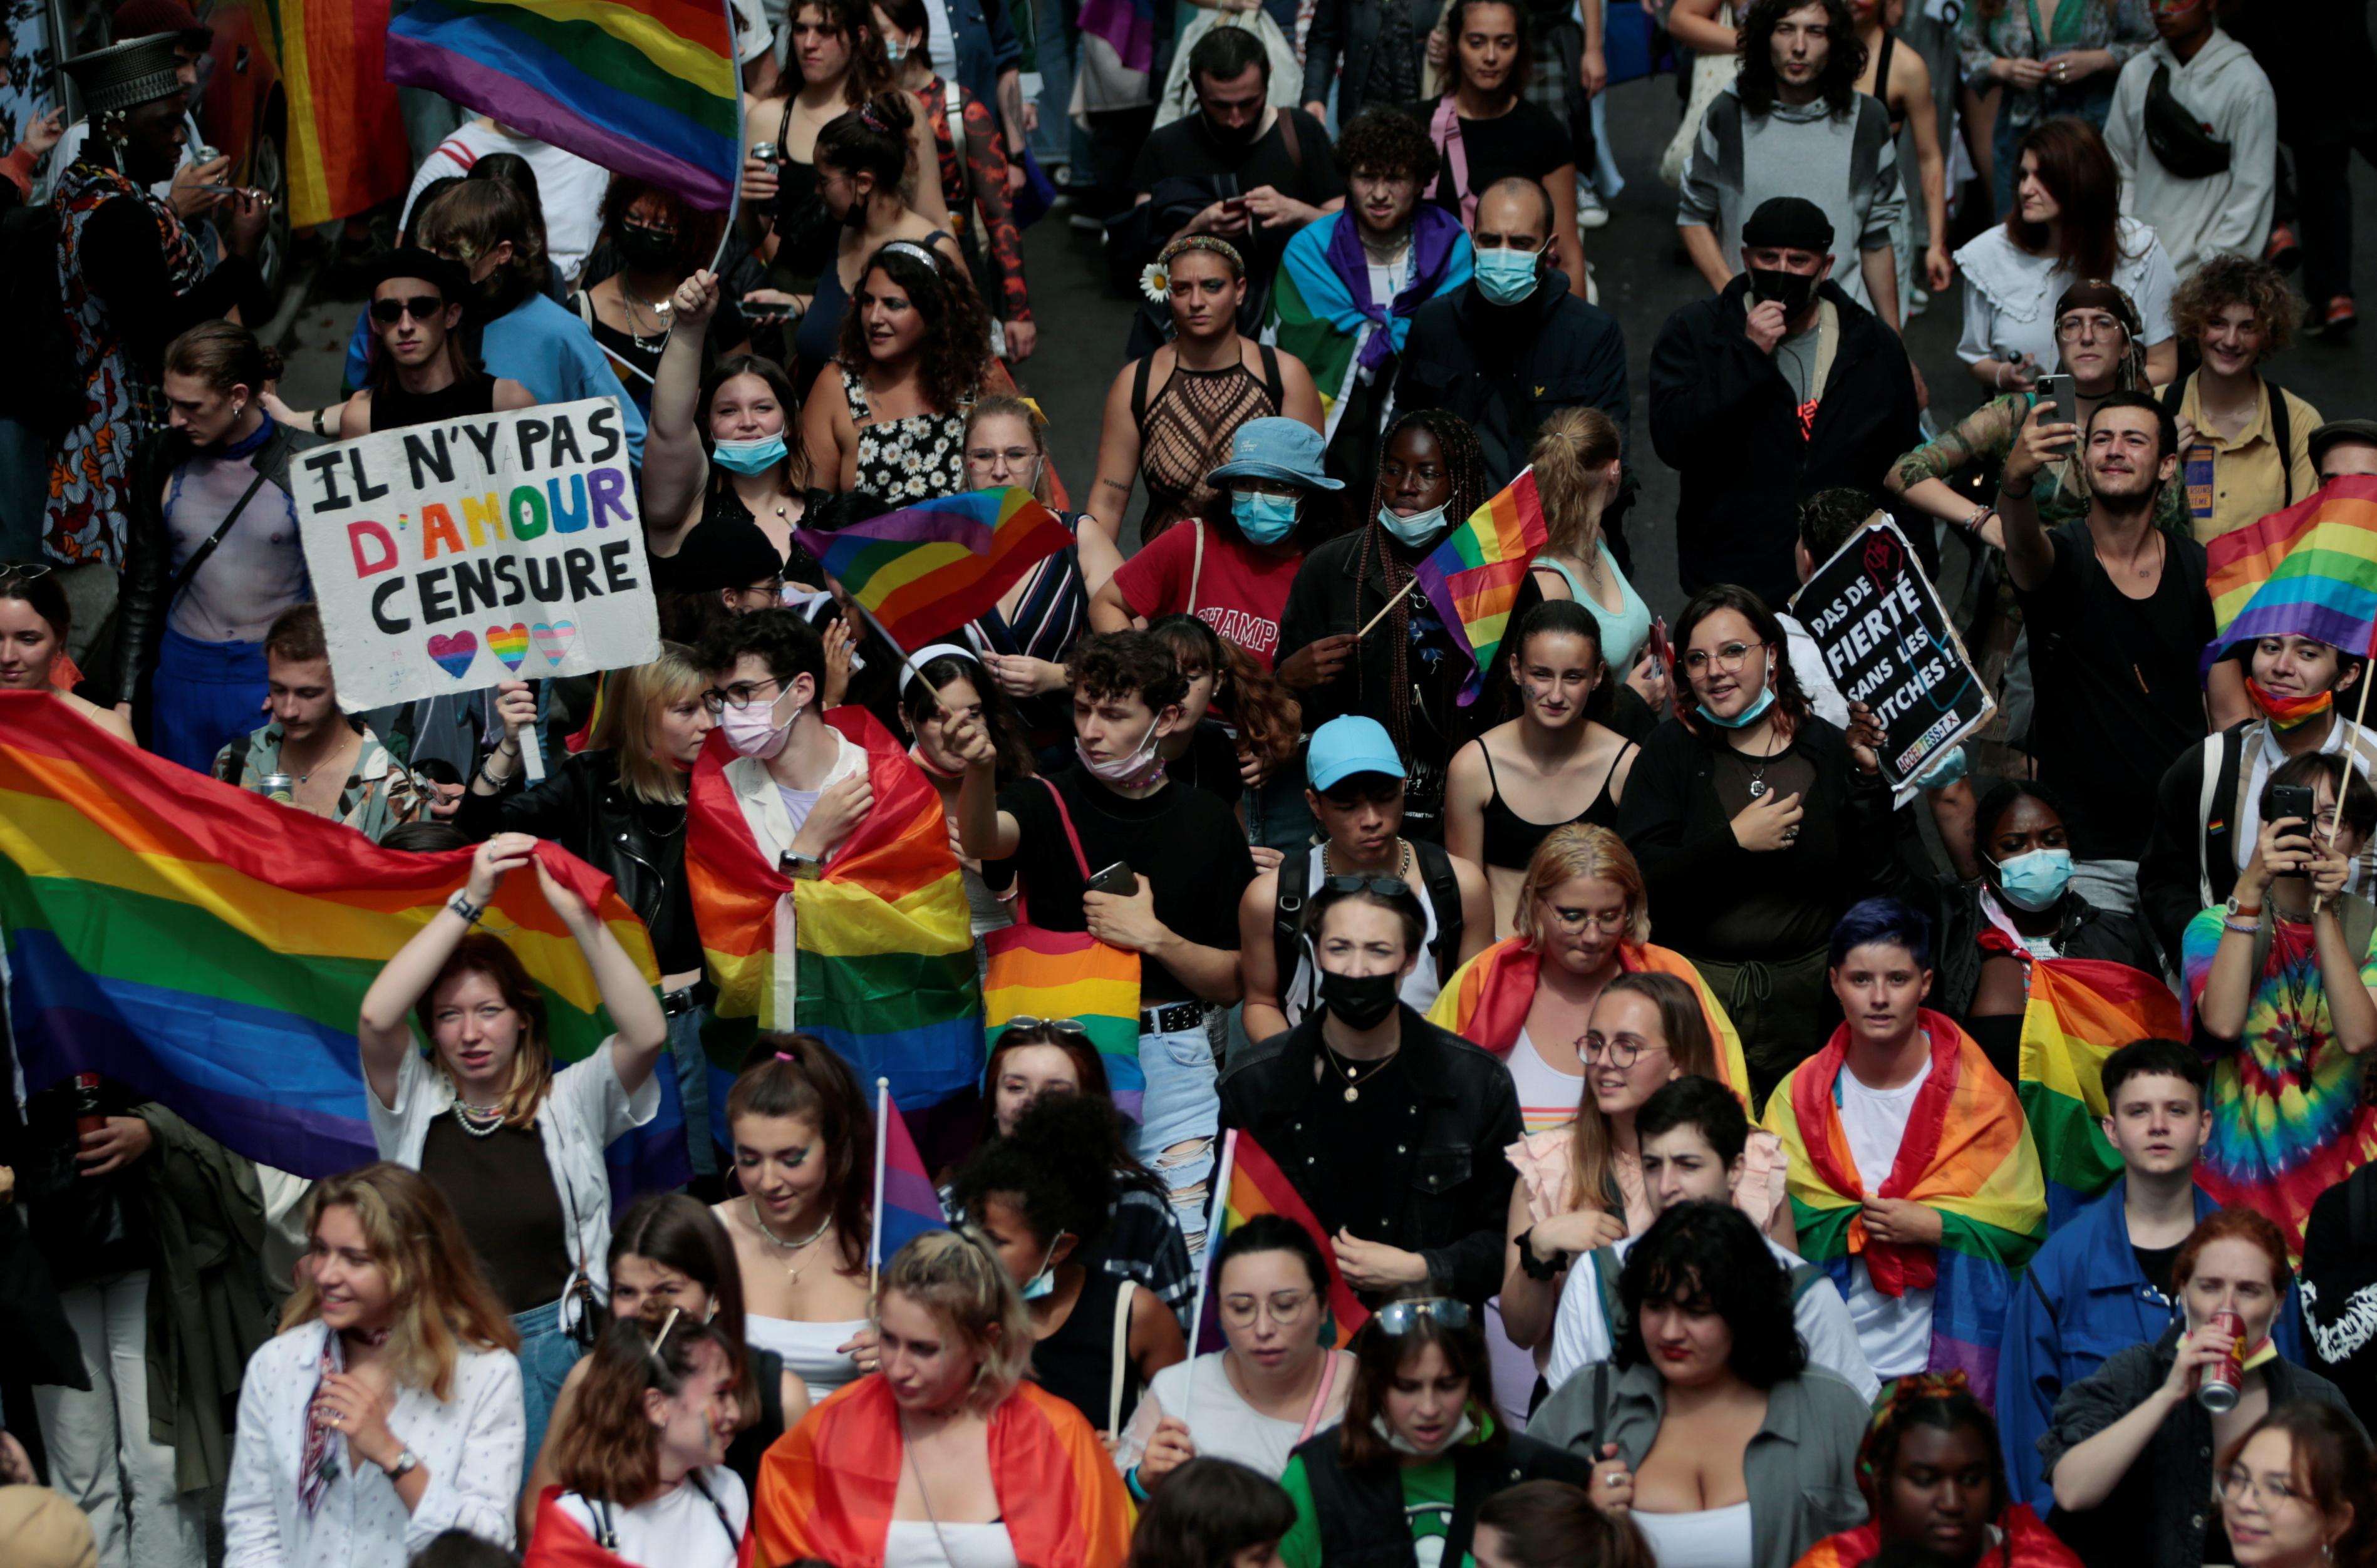 Participantes segurando bandeiras e faixas de arco-íris participam da tradicional marcha do Orgulho LGBTQ, em meio ao surto da doença coronavírus (COVID-19), em Paris, França, em 26 de junho de 2021. REUTERS / Sarah Meyssonnier